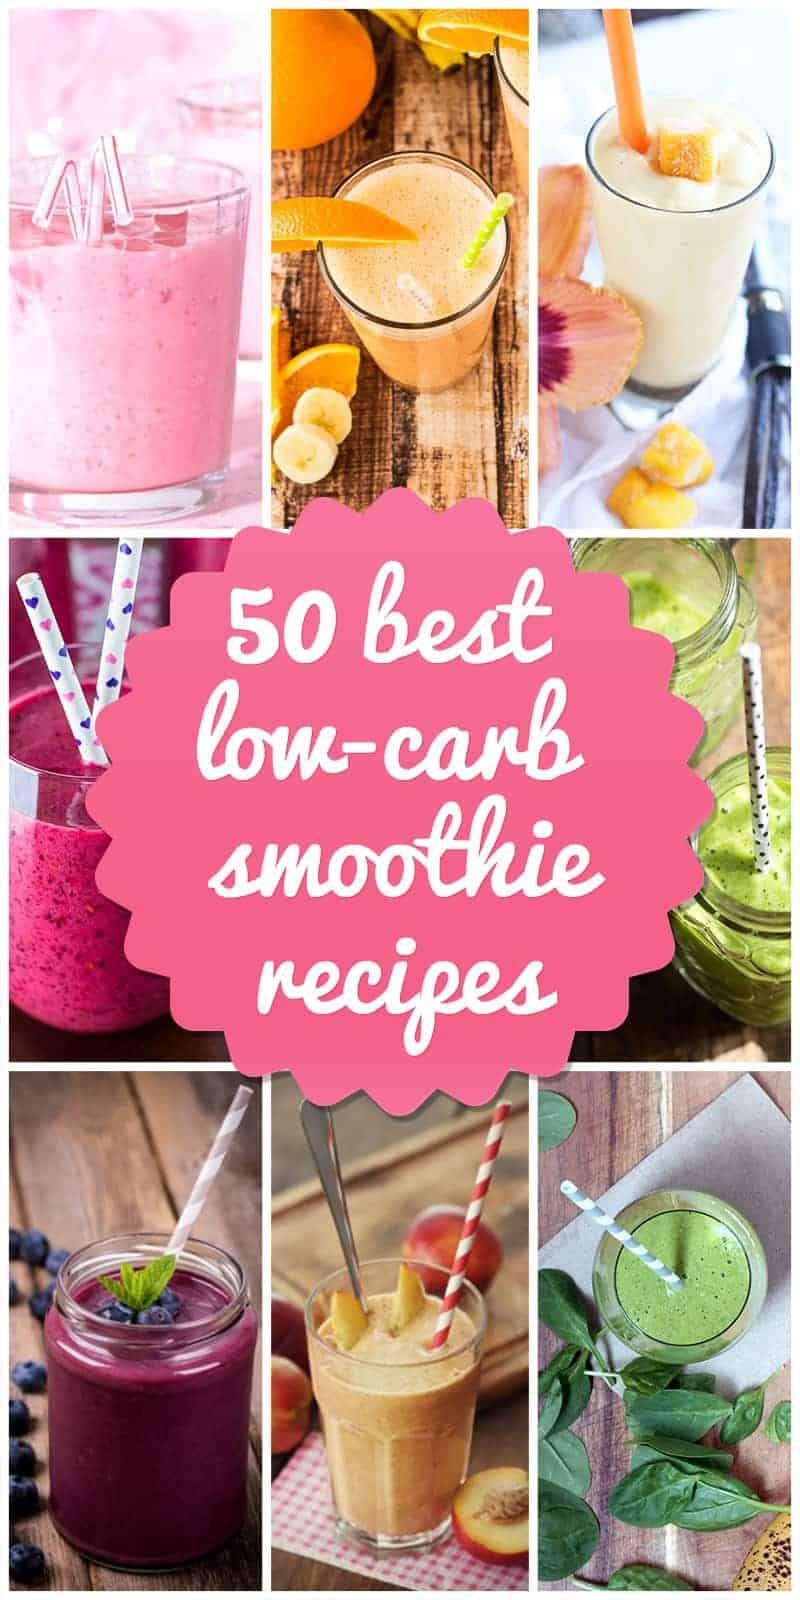 low-carb smoothie recipes